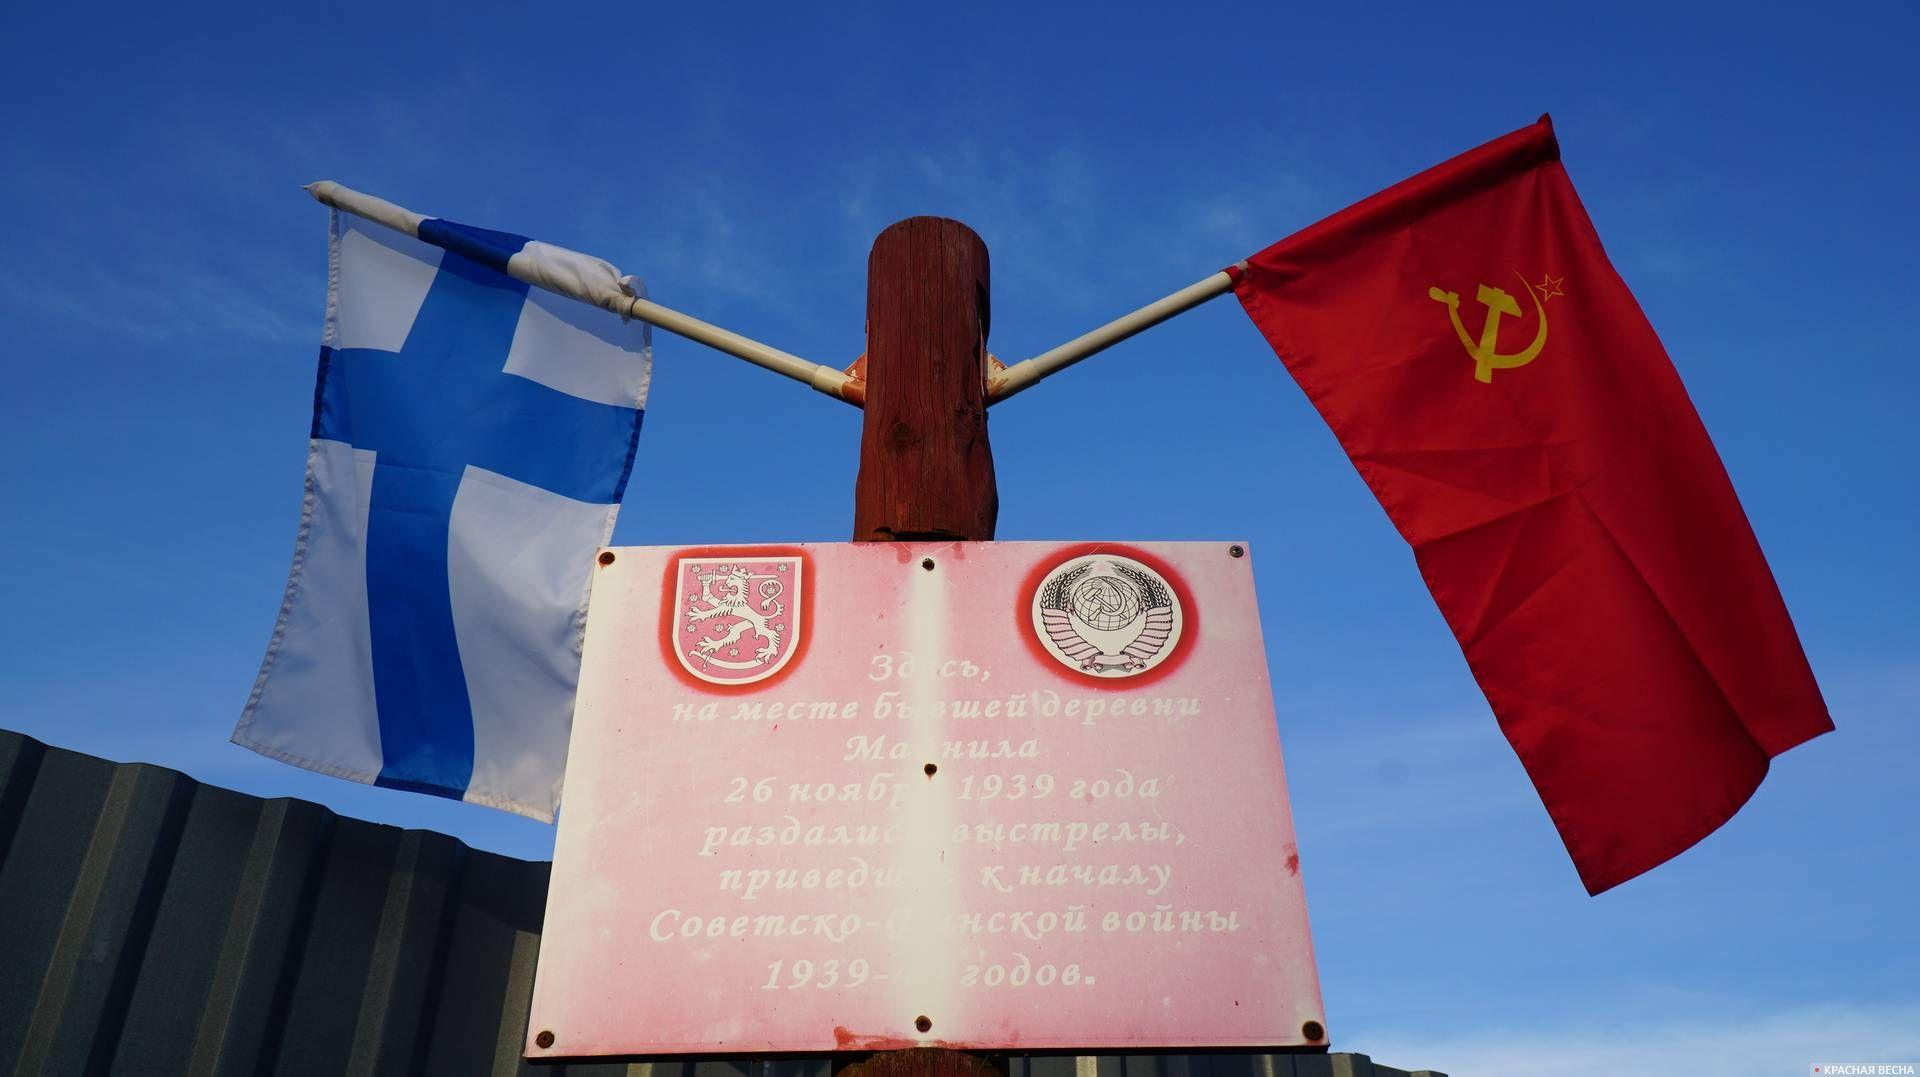 Памятный знак «Майнильский инцидент» в окрестностях поселка Майнило. Ленобласть. 23.11.2019